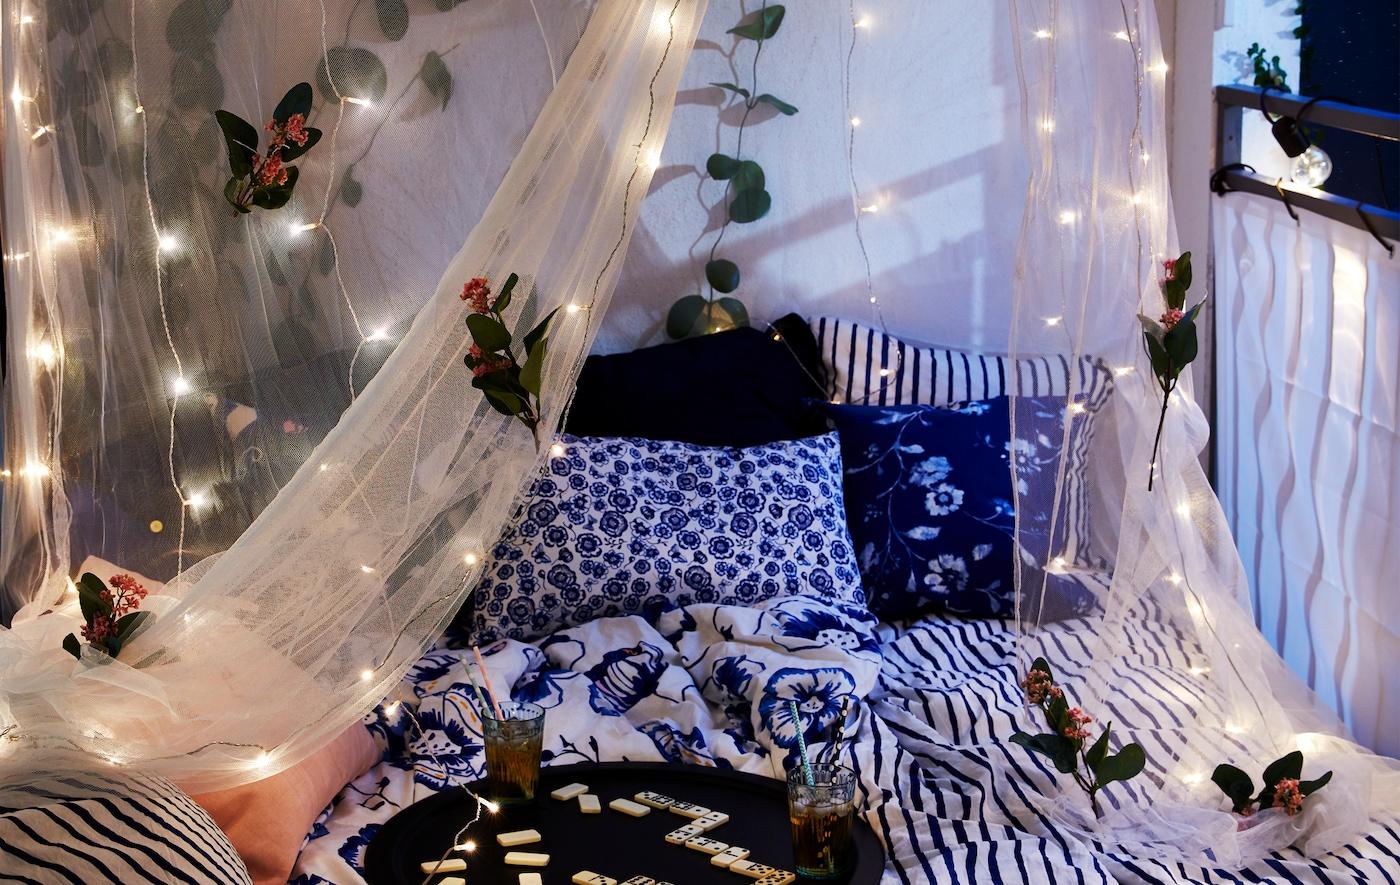 Szerokie łóżko na zamkniętym balkonie z moskitierą ozdobioną kwiatami i łańcuchami oświetleniowymi LED; a na tacy znajdują się napoje i gra.